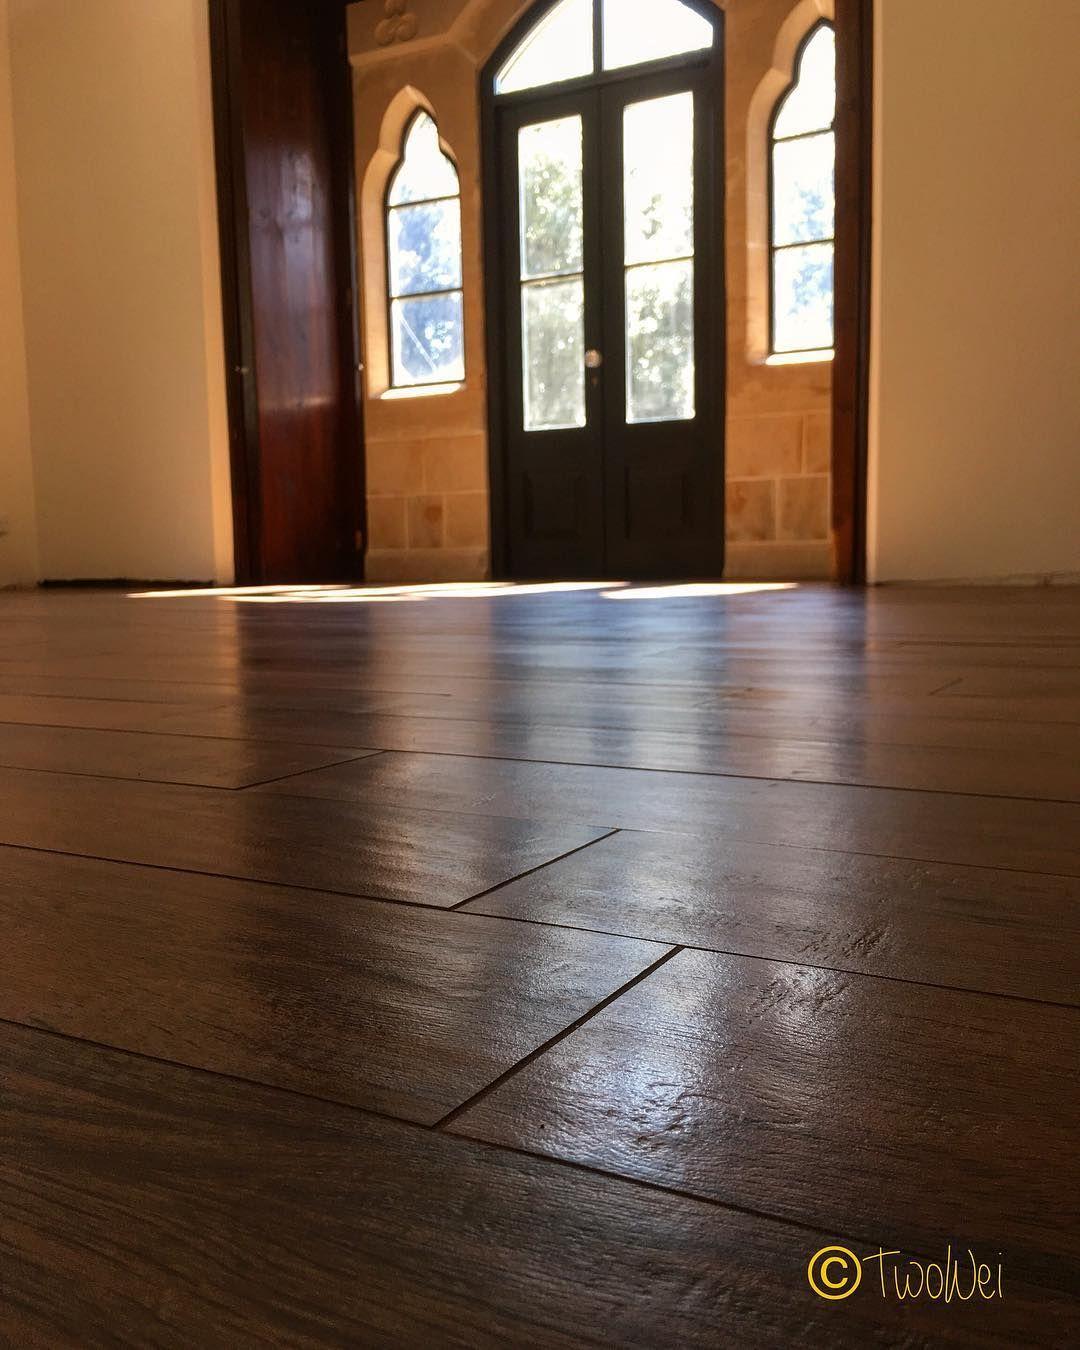 Stunning floor using the wooden effect floor tiles from